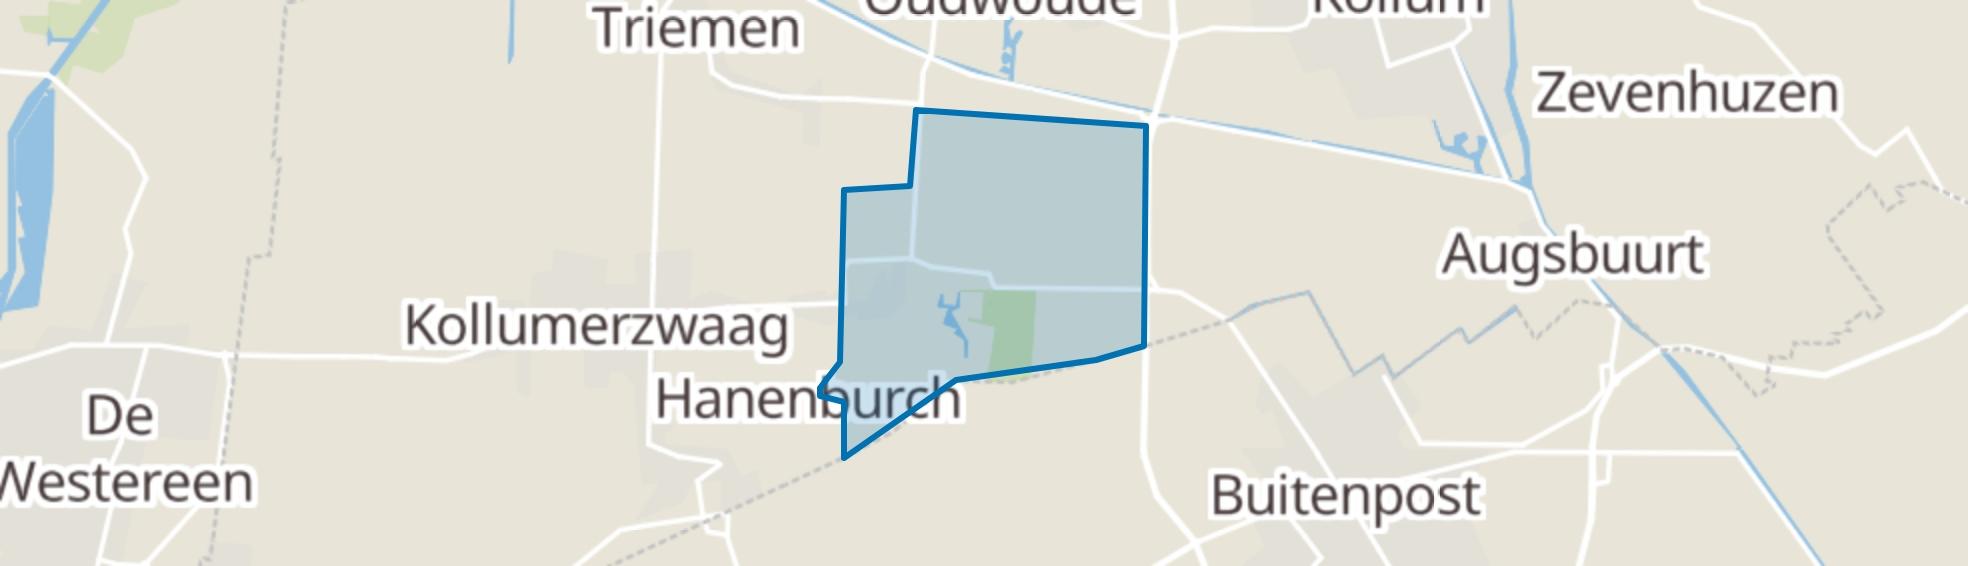 Veenklooster map